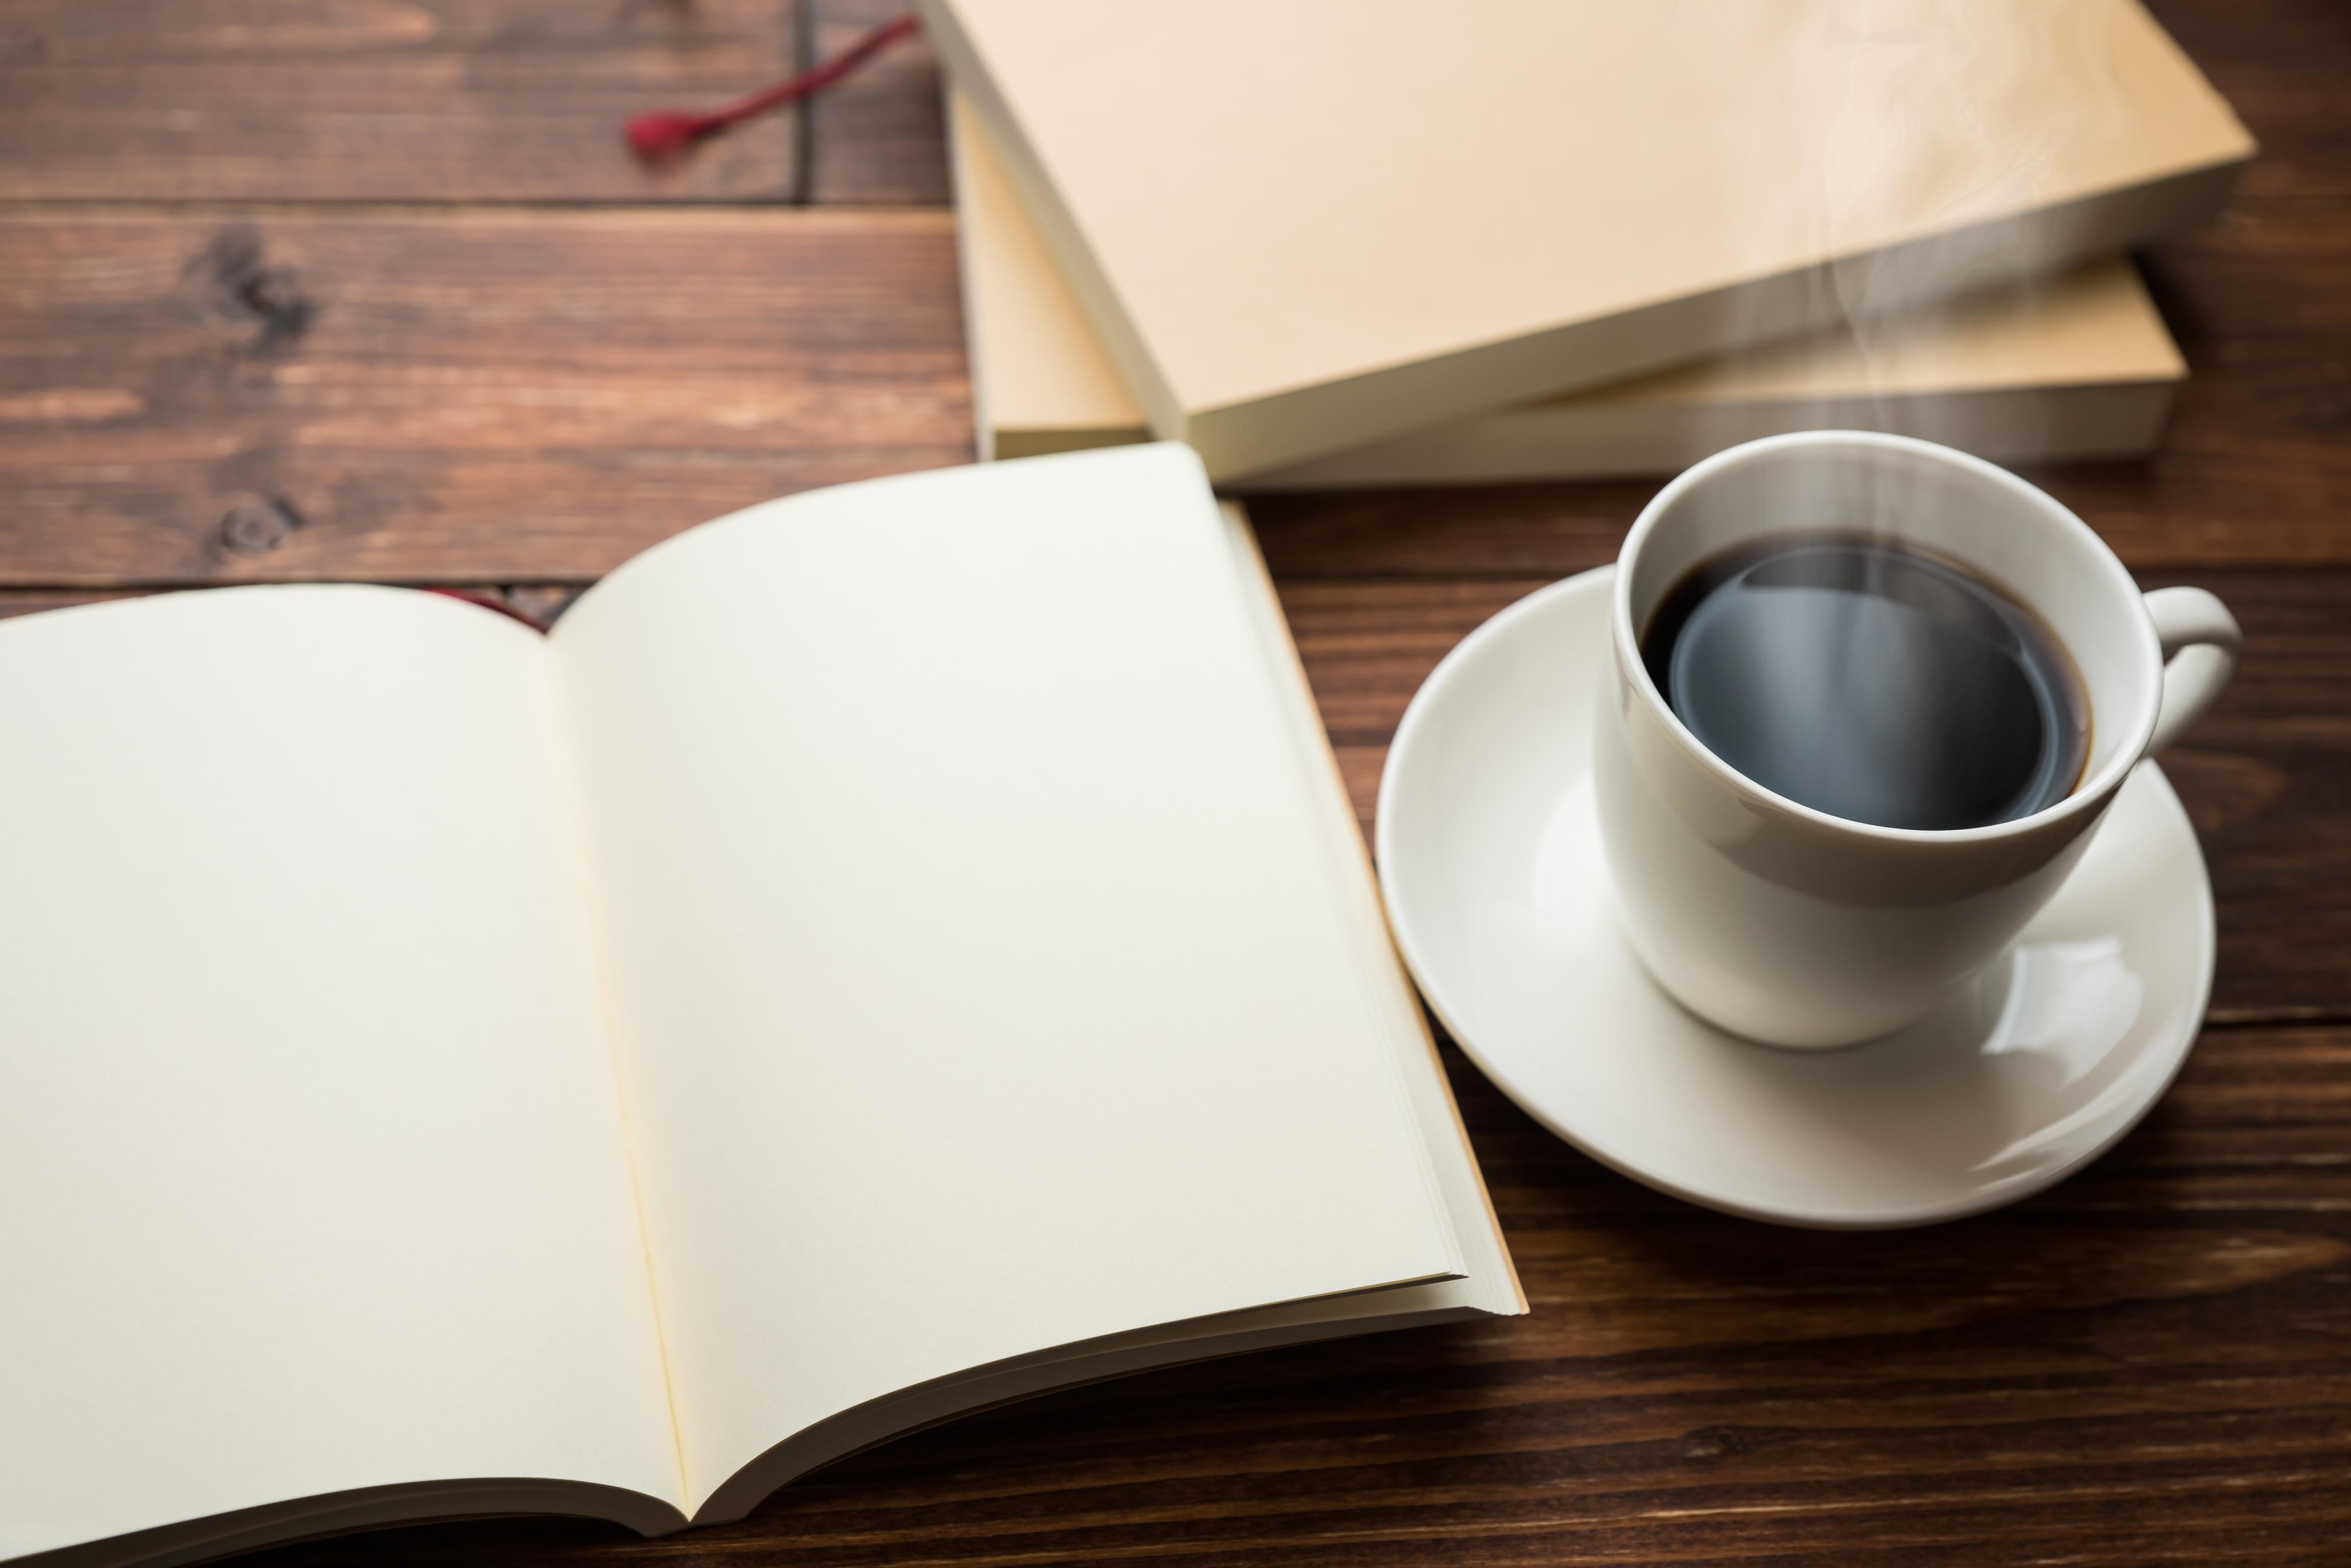 コーヒーと相性が良いのは?